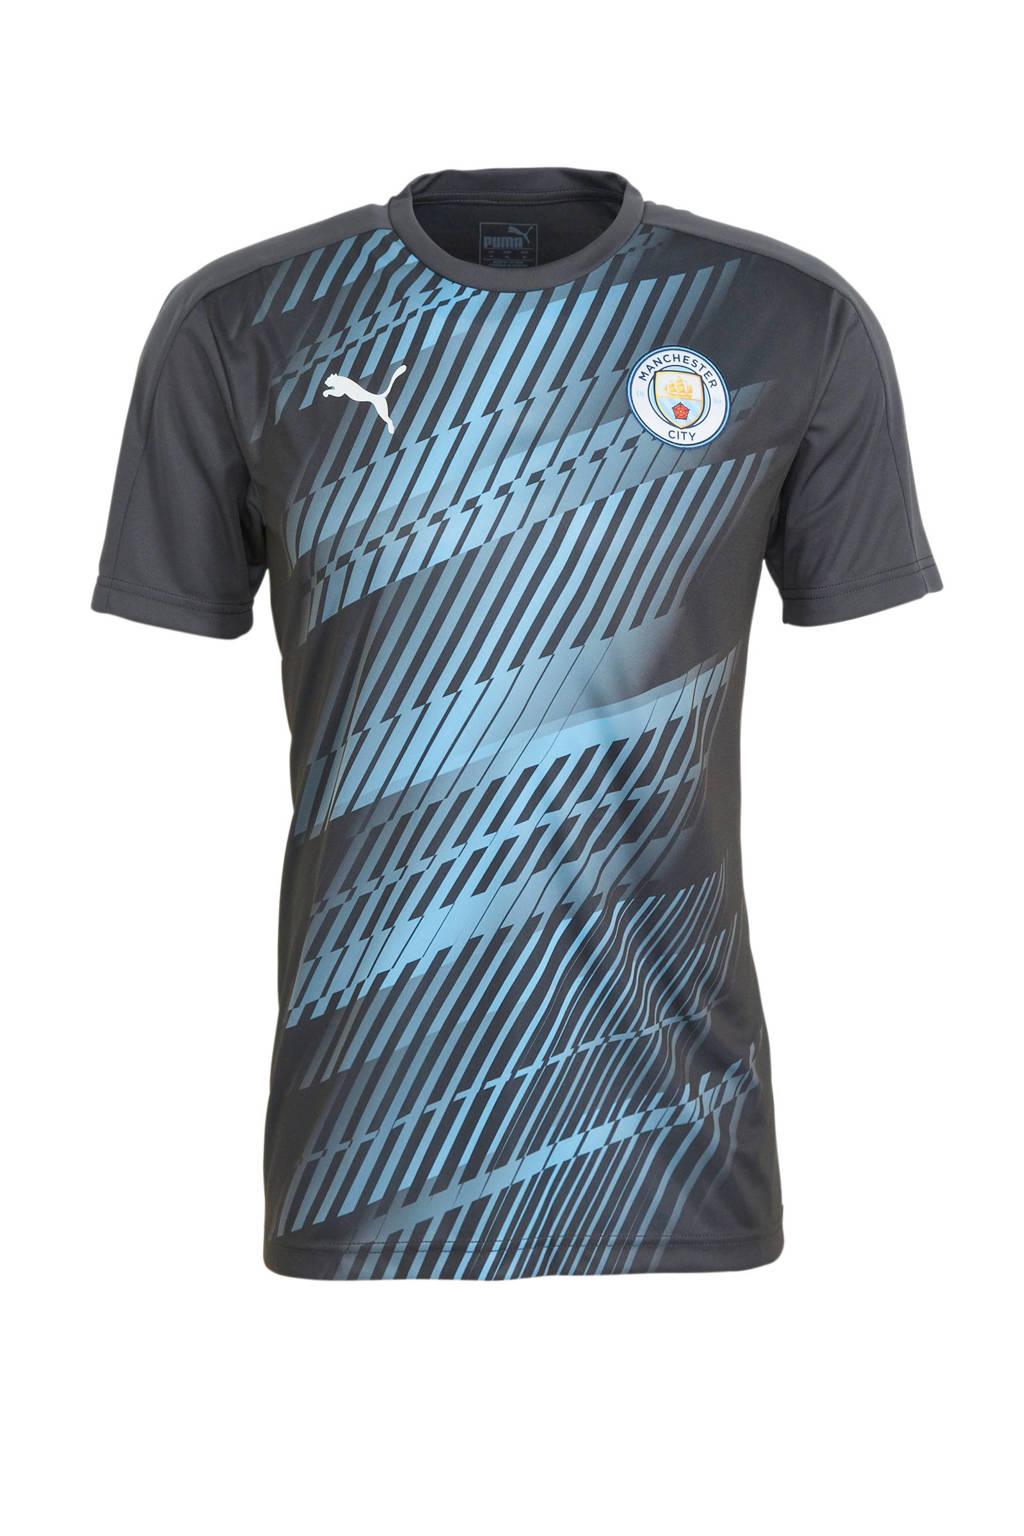 Puma Senior Manchester City voetbal T-shirt, Grijs/lichtblauw